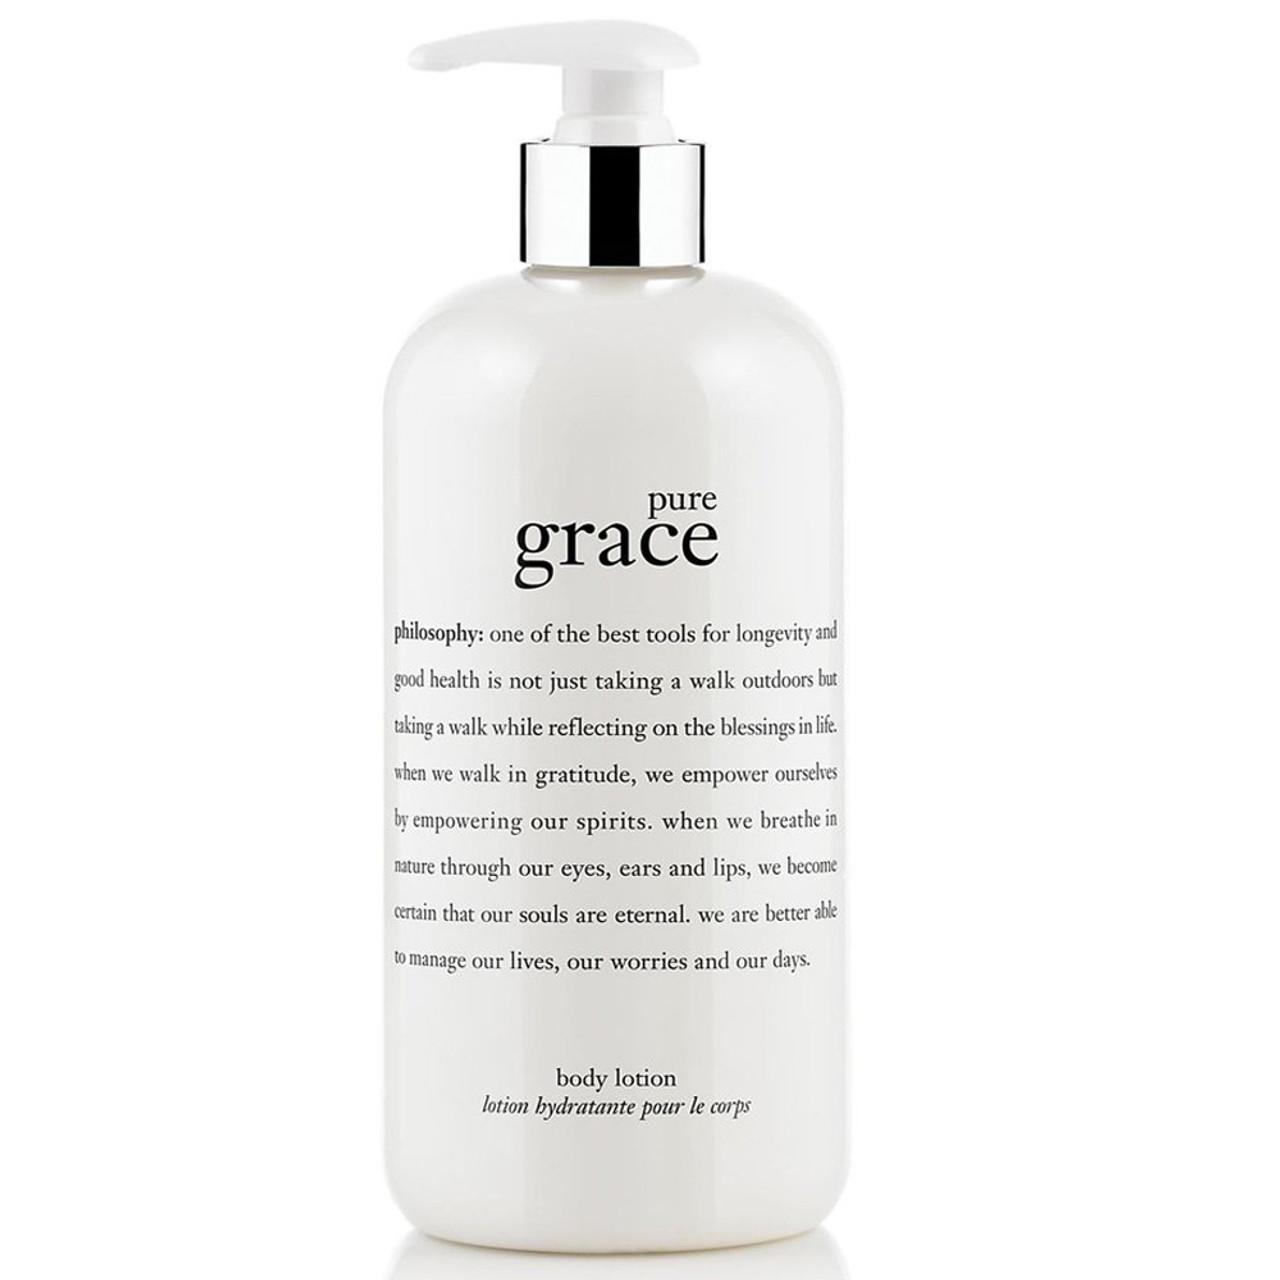 philosophy Pure Grace Body Lotion BeautifiedYou.com